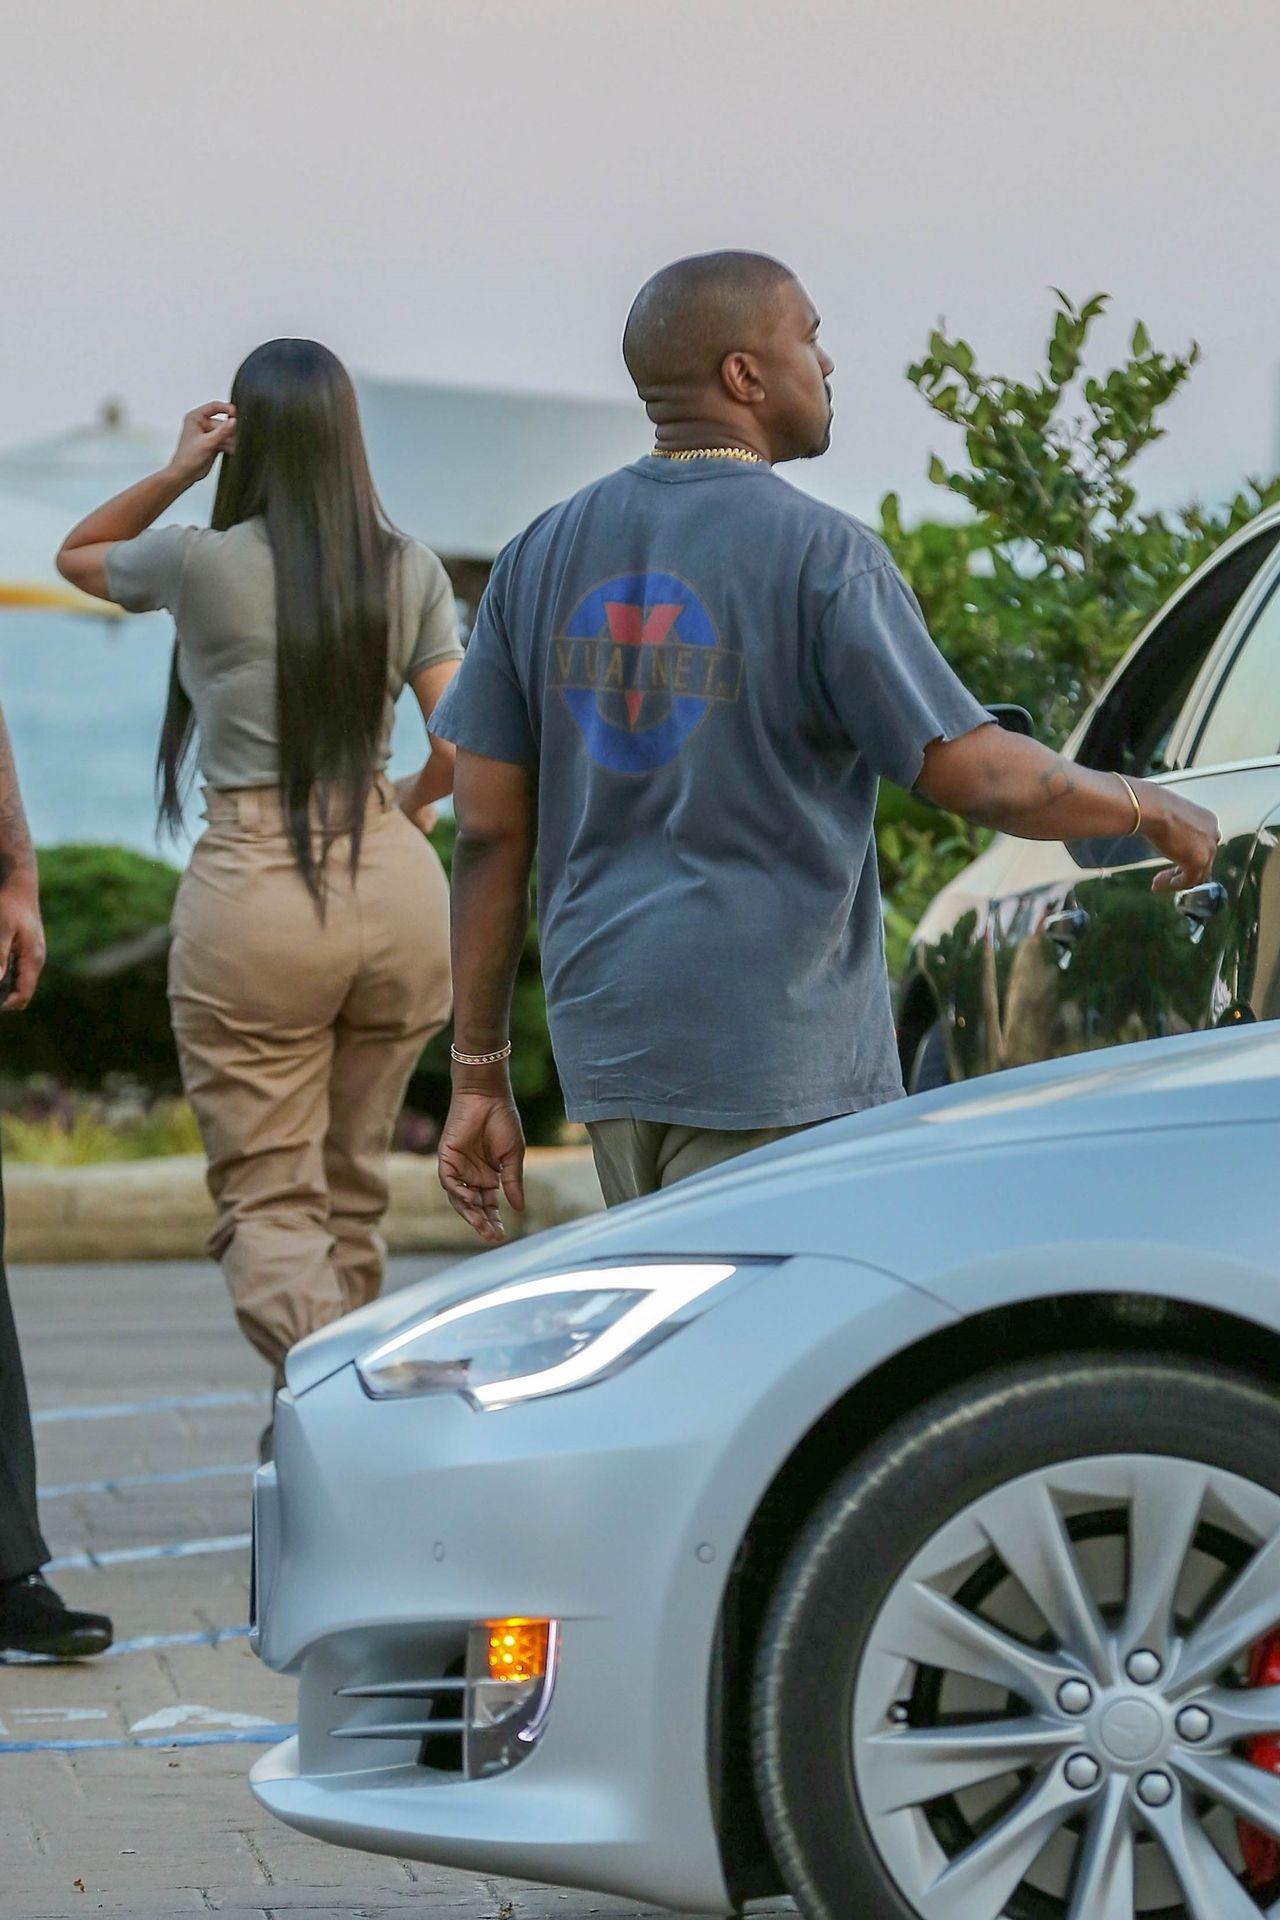 Kim Kardashian z Kanye Westem na RANDCE (ZDJĘCIA)